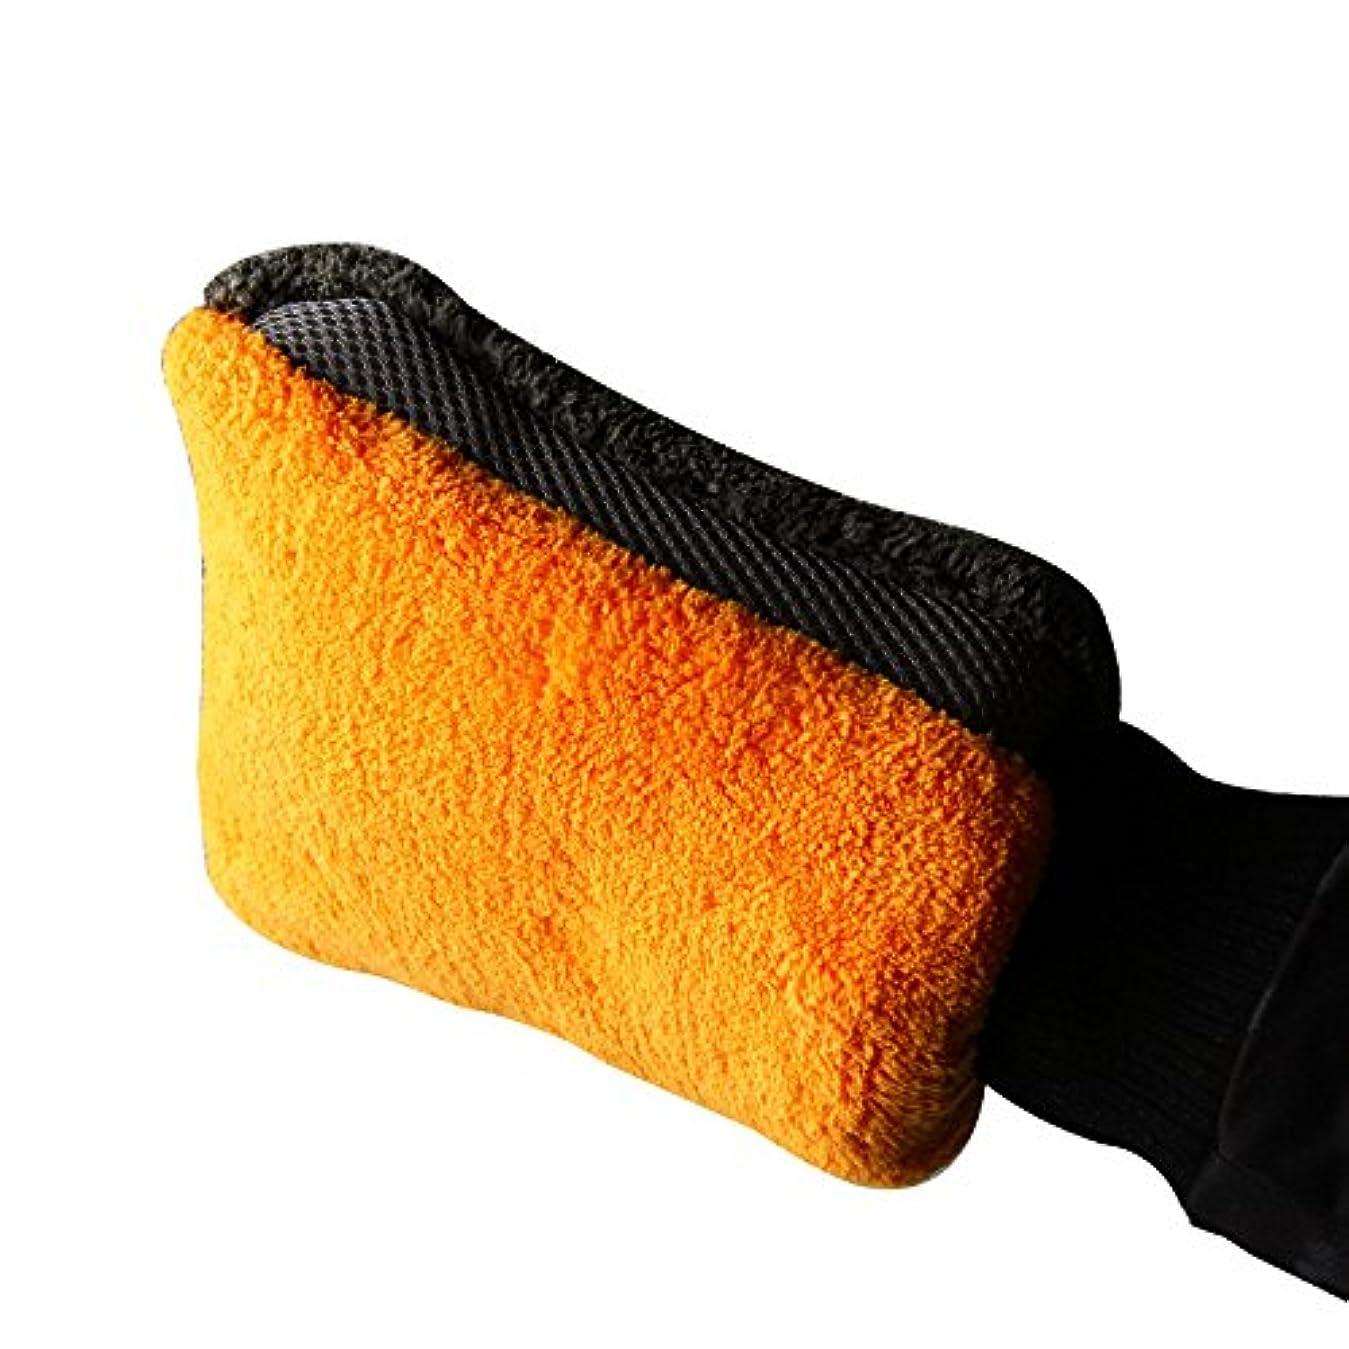 提出するラベ石化するBTXXYJP サンゴフリース 洗車 ブラシ 手袋 クリーニング ミットショートウールミットカークロス (Color : Orange, Size : L-One pair)